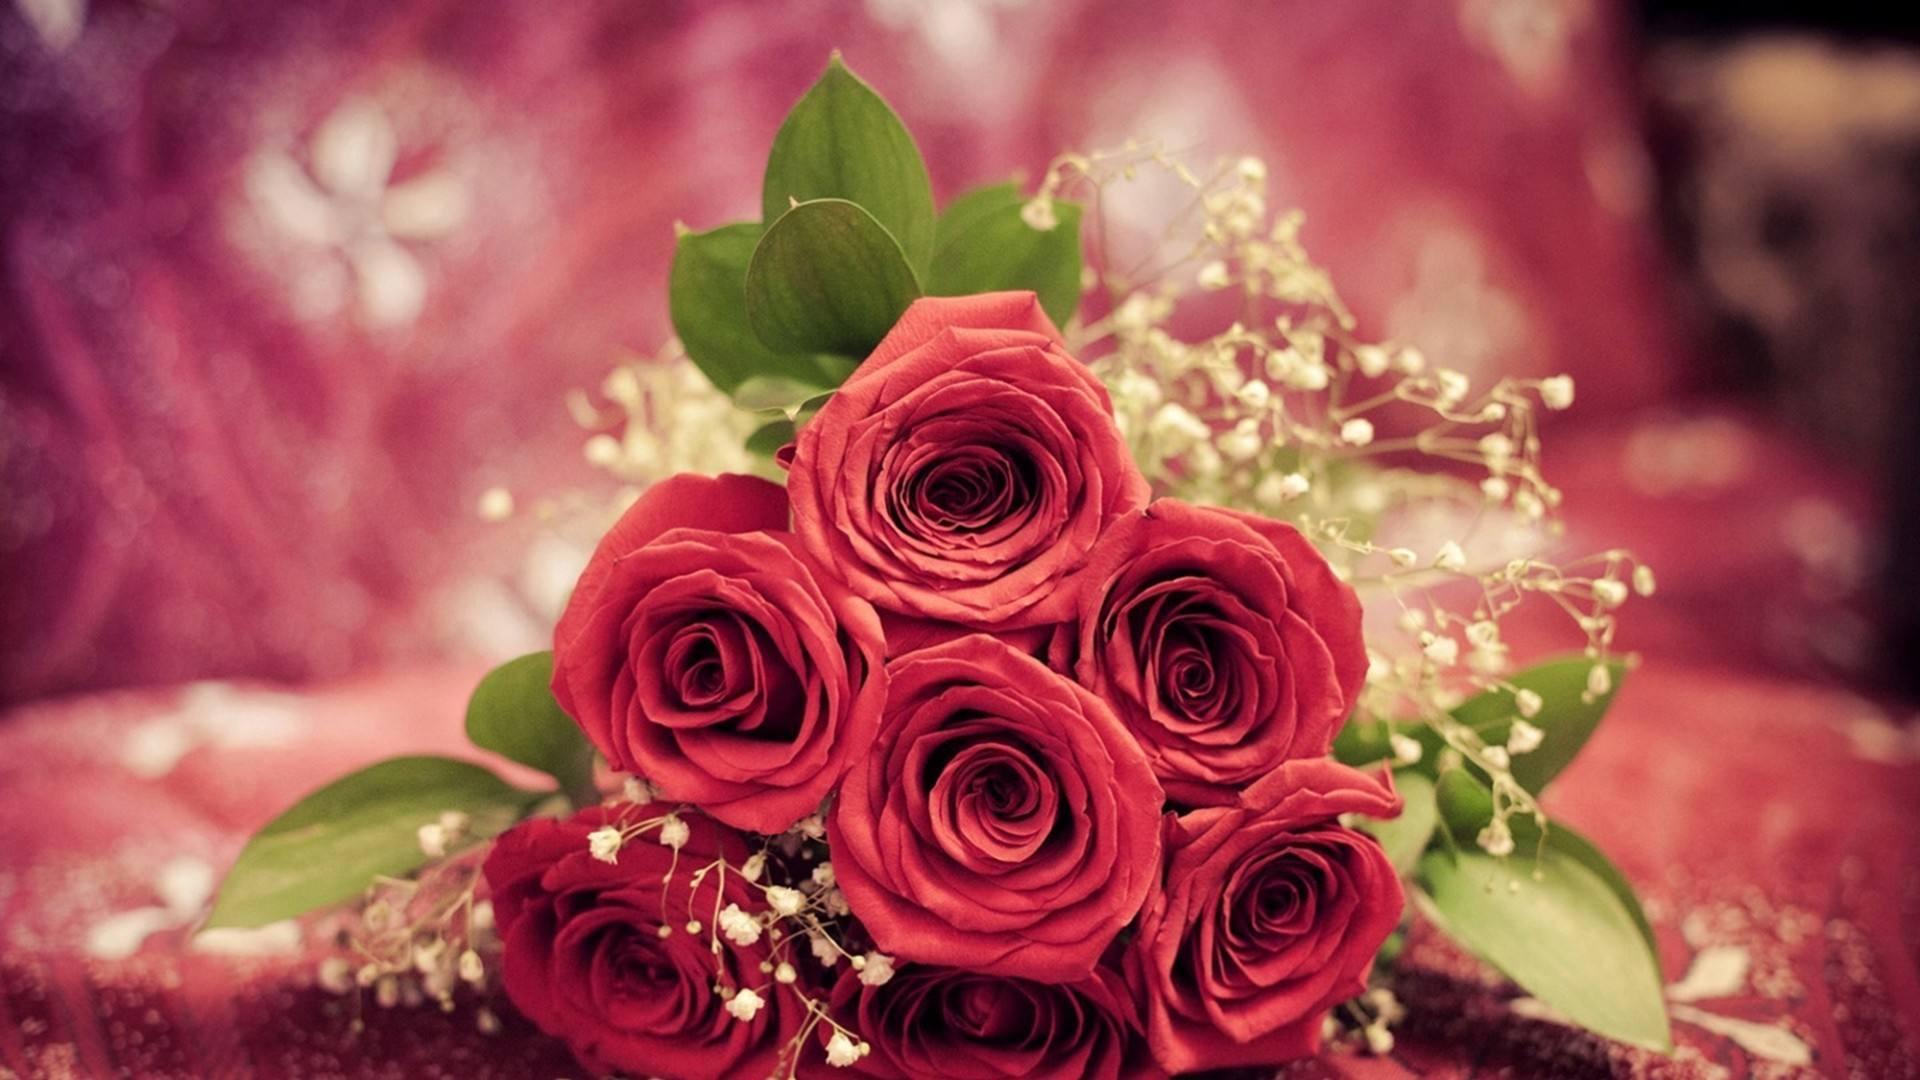 情侣周年纪念日朋友圈秀恩爱的情话大全精选